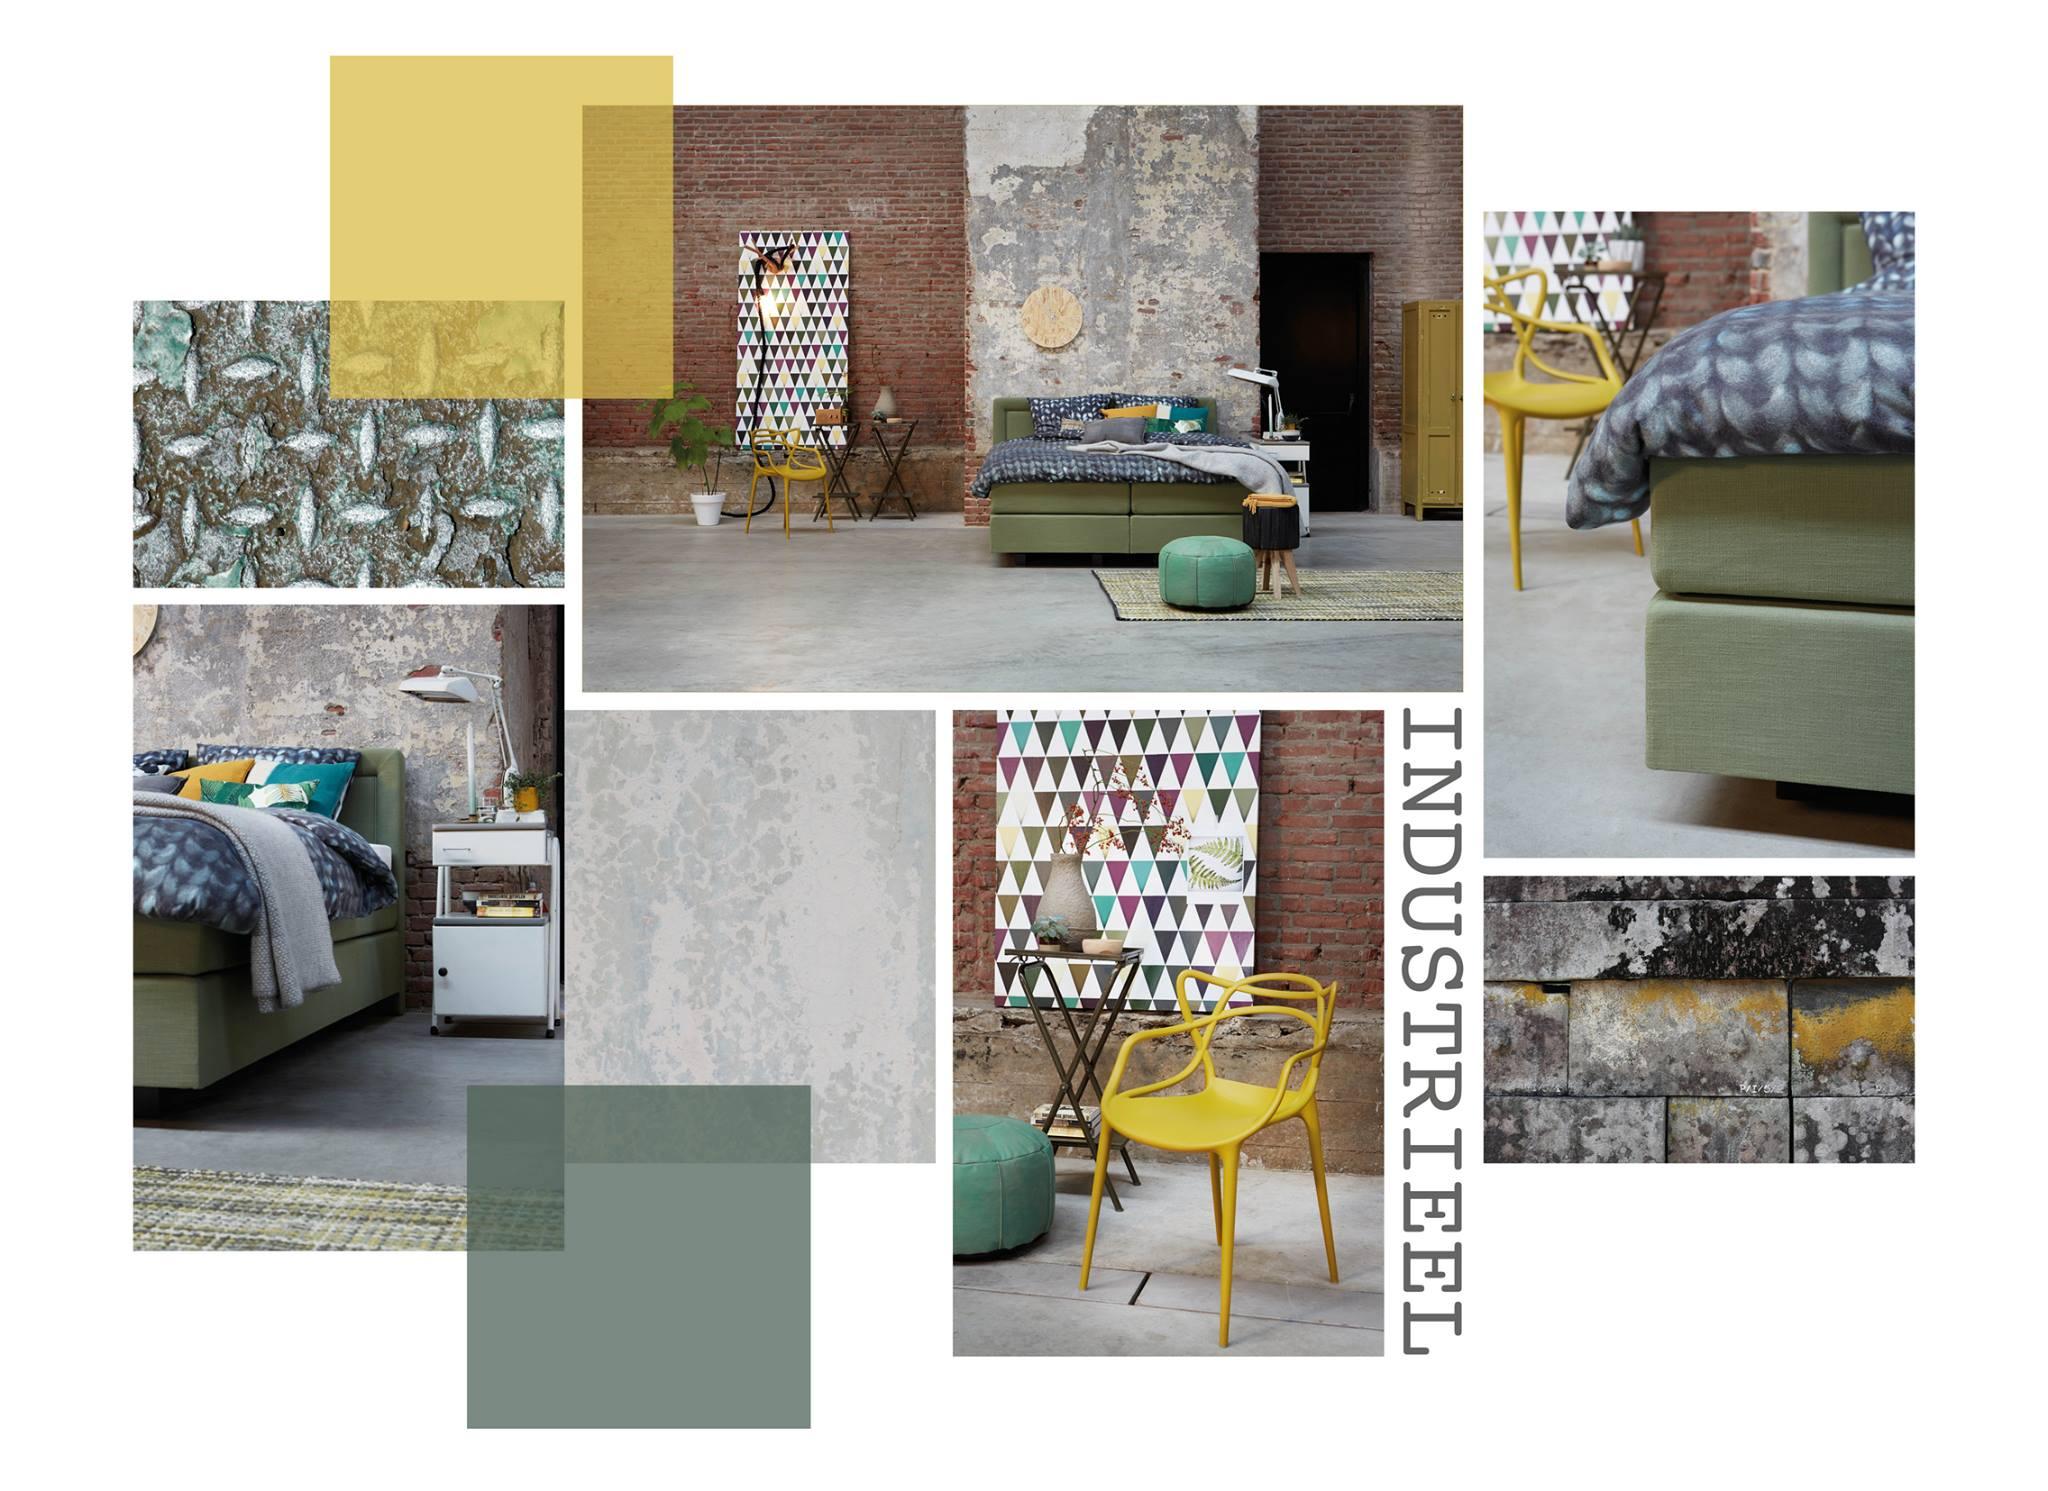 Slaapkamer Groen Wit : De industriële stijl in de slaapkamer furnlovers